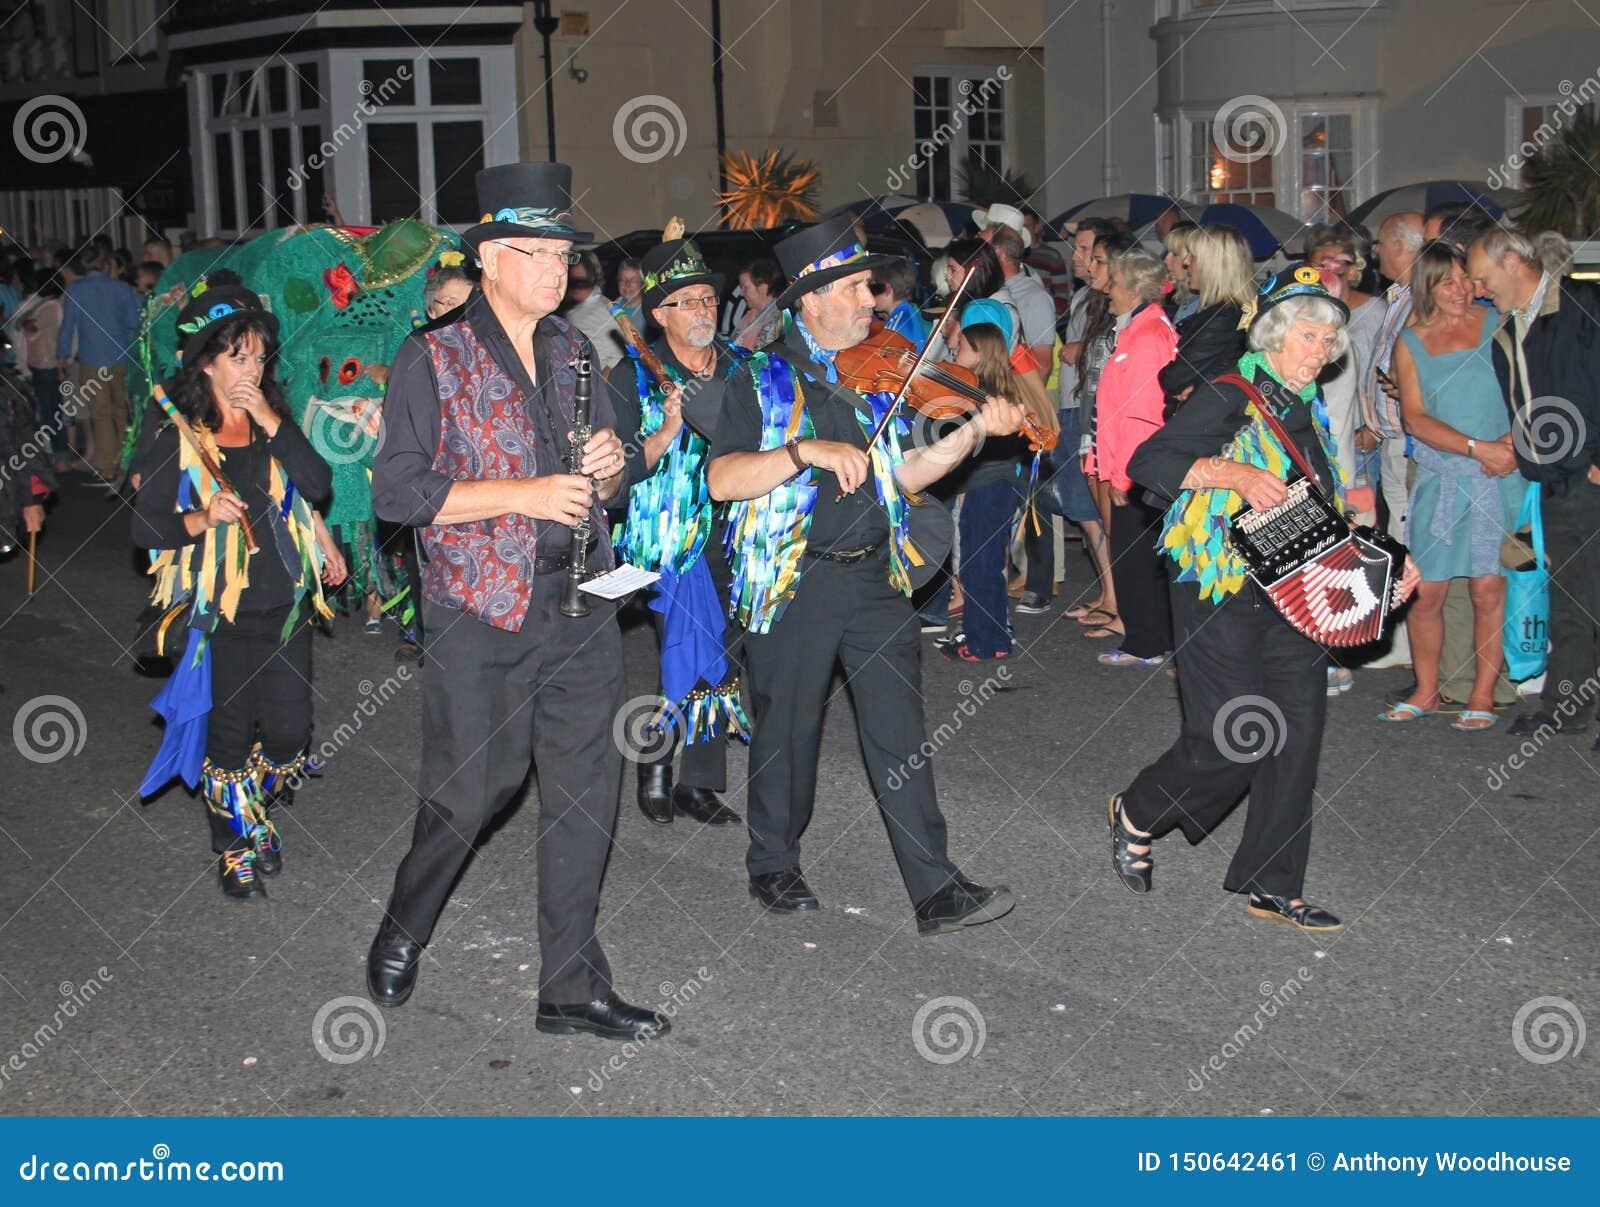 SIDMOUTH, DEVON, ENGELAND - AUGUSTUS TIENDE 2012: Een groep musici gekleed in verfraaide hoge zijden en de haveloze blauwe vesten